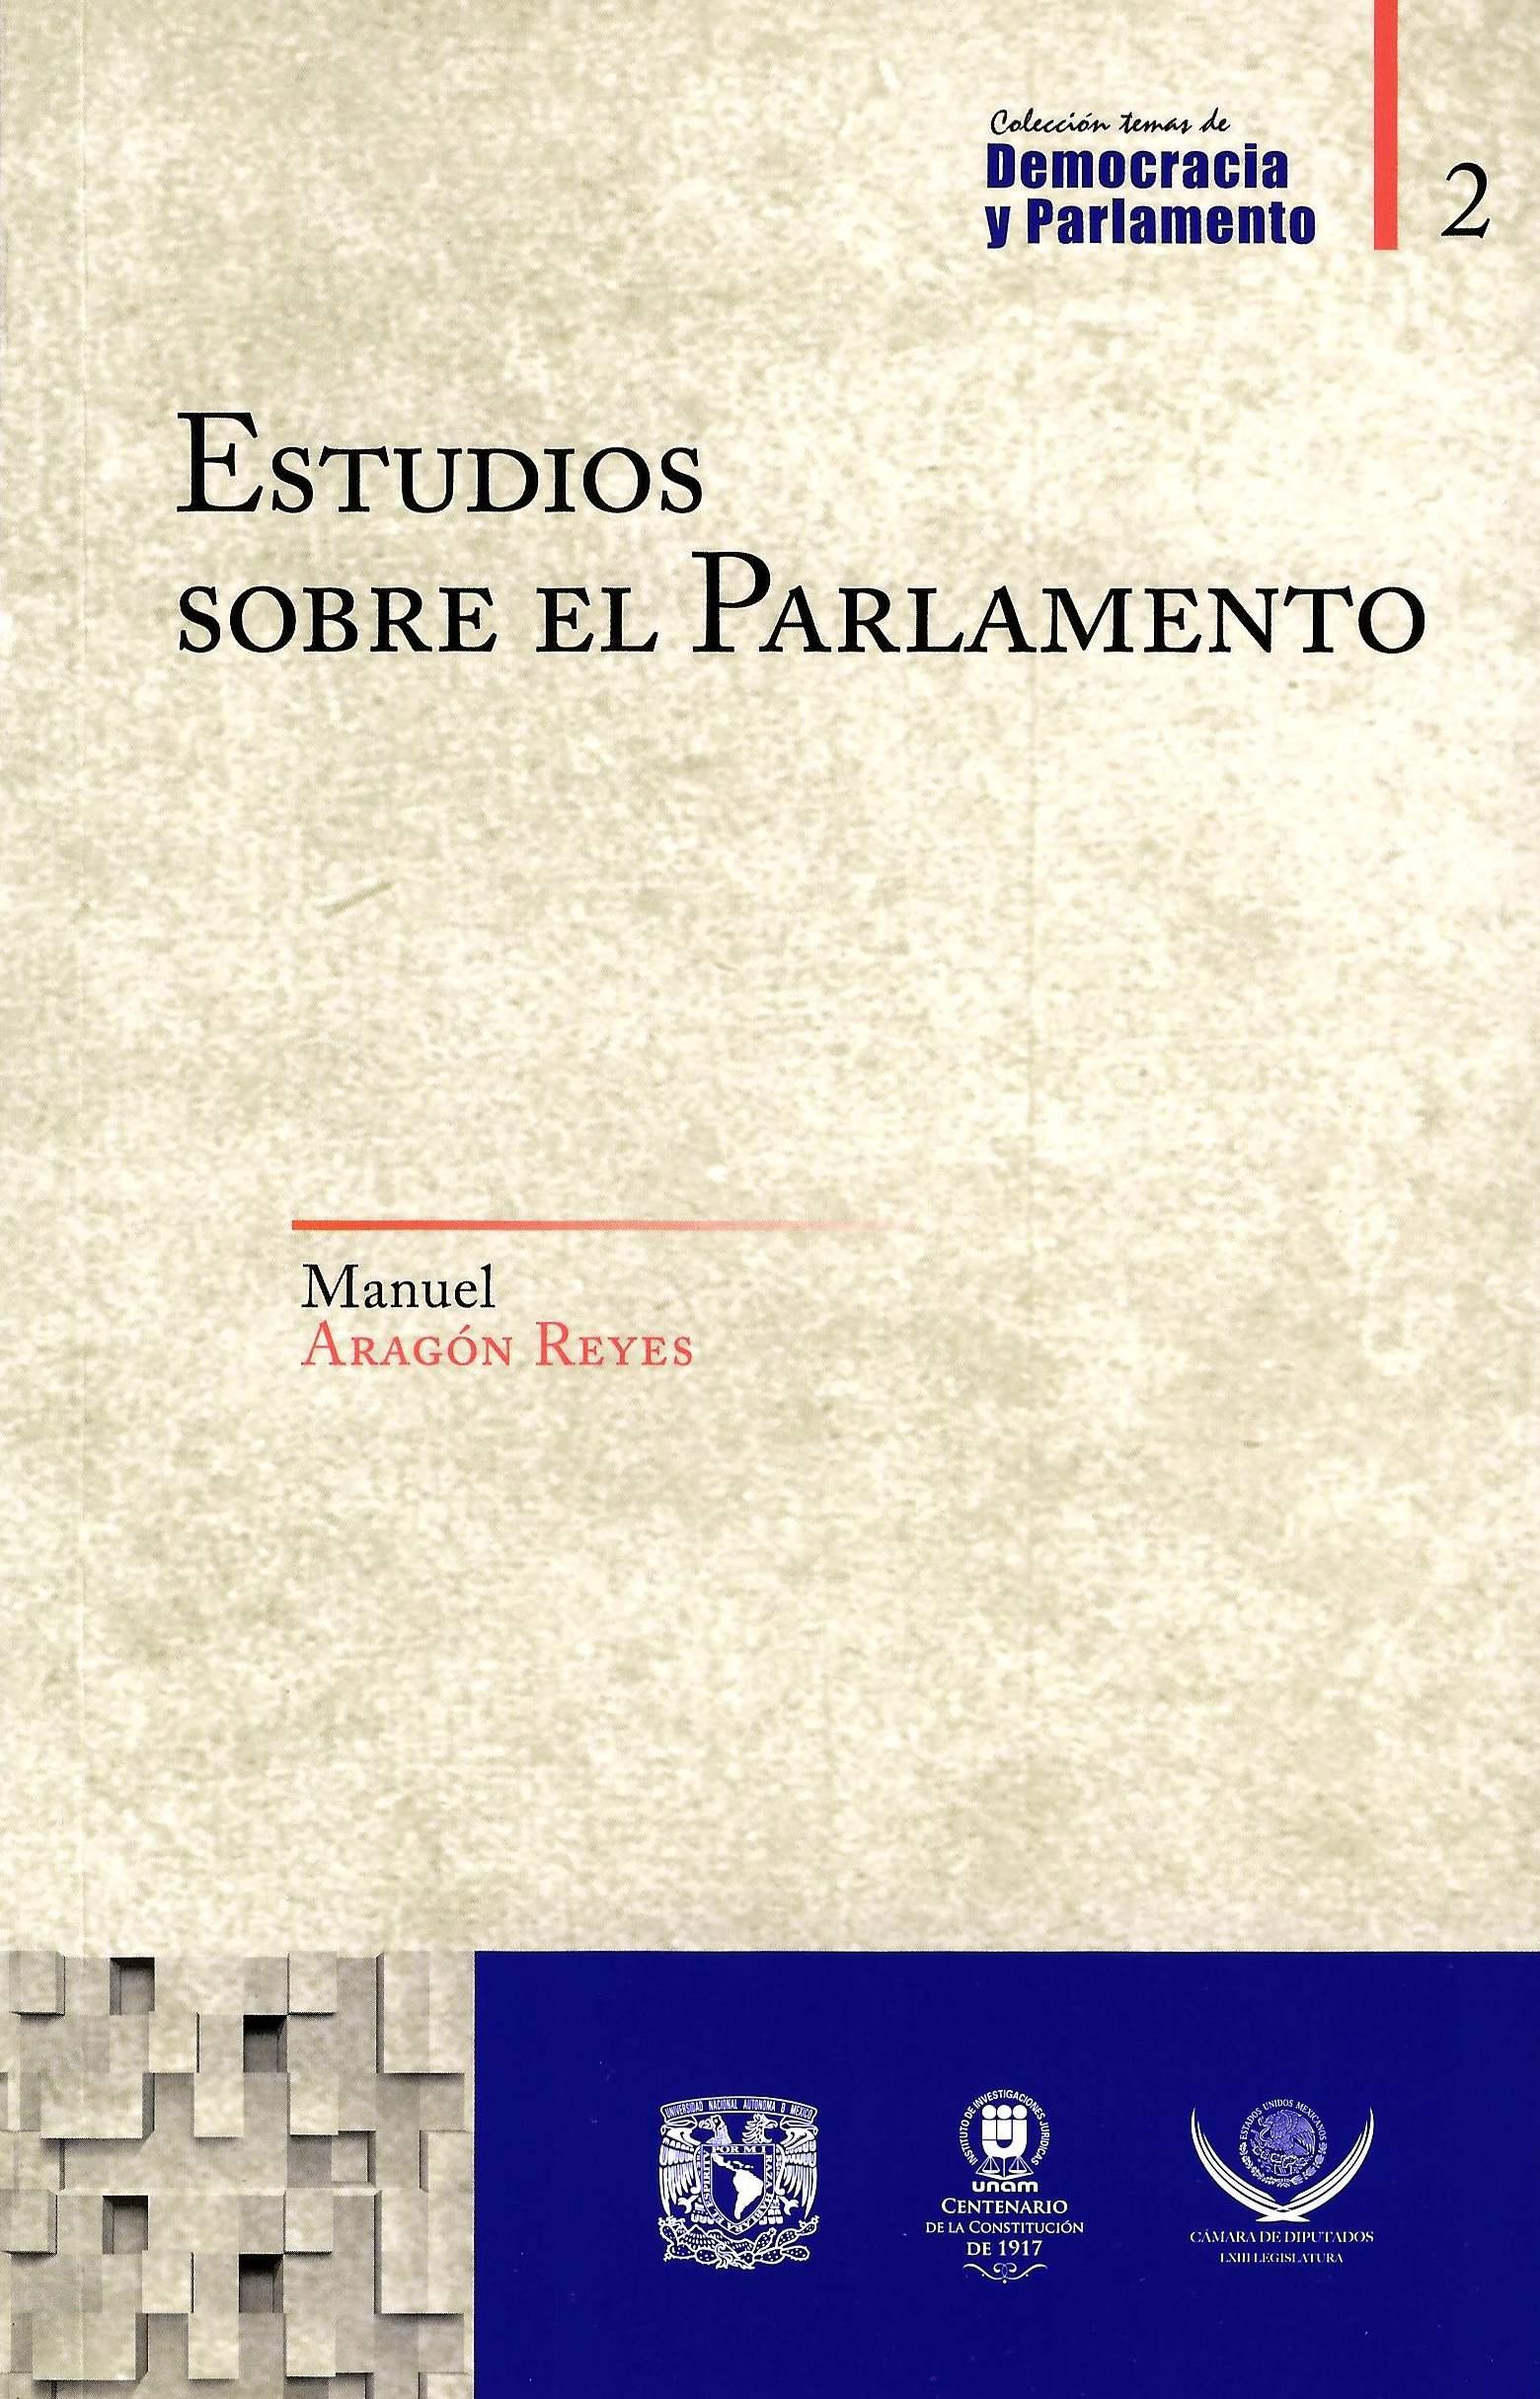 Estudios sobre el Parlamento